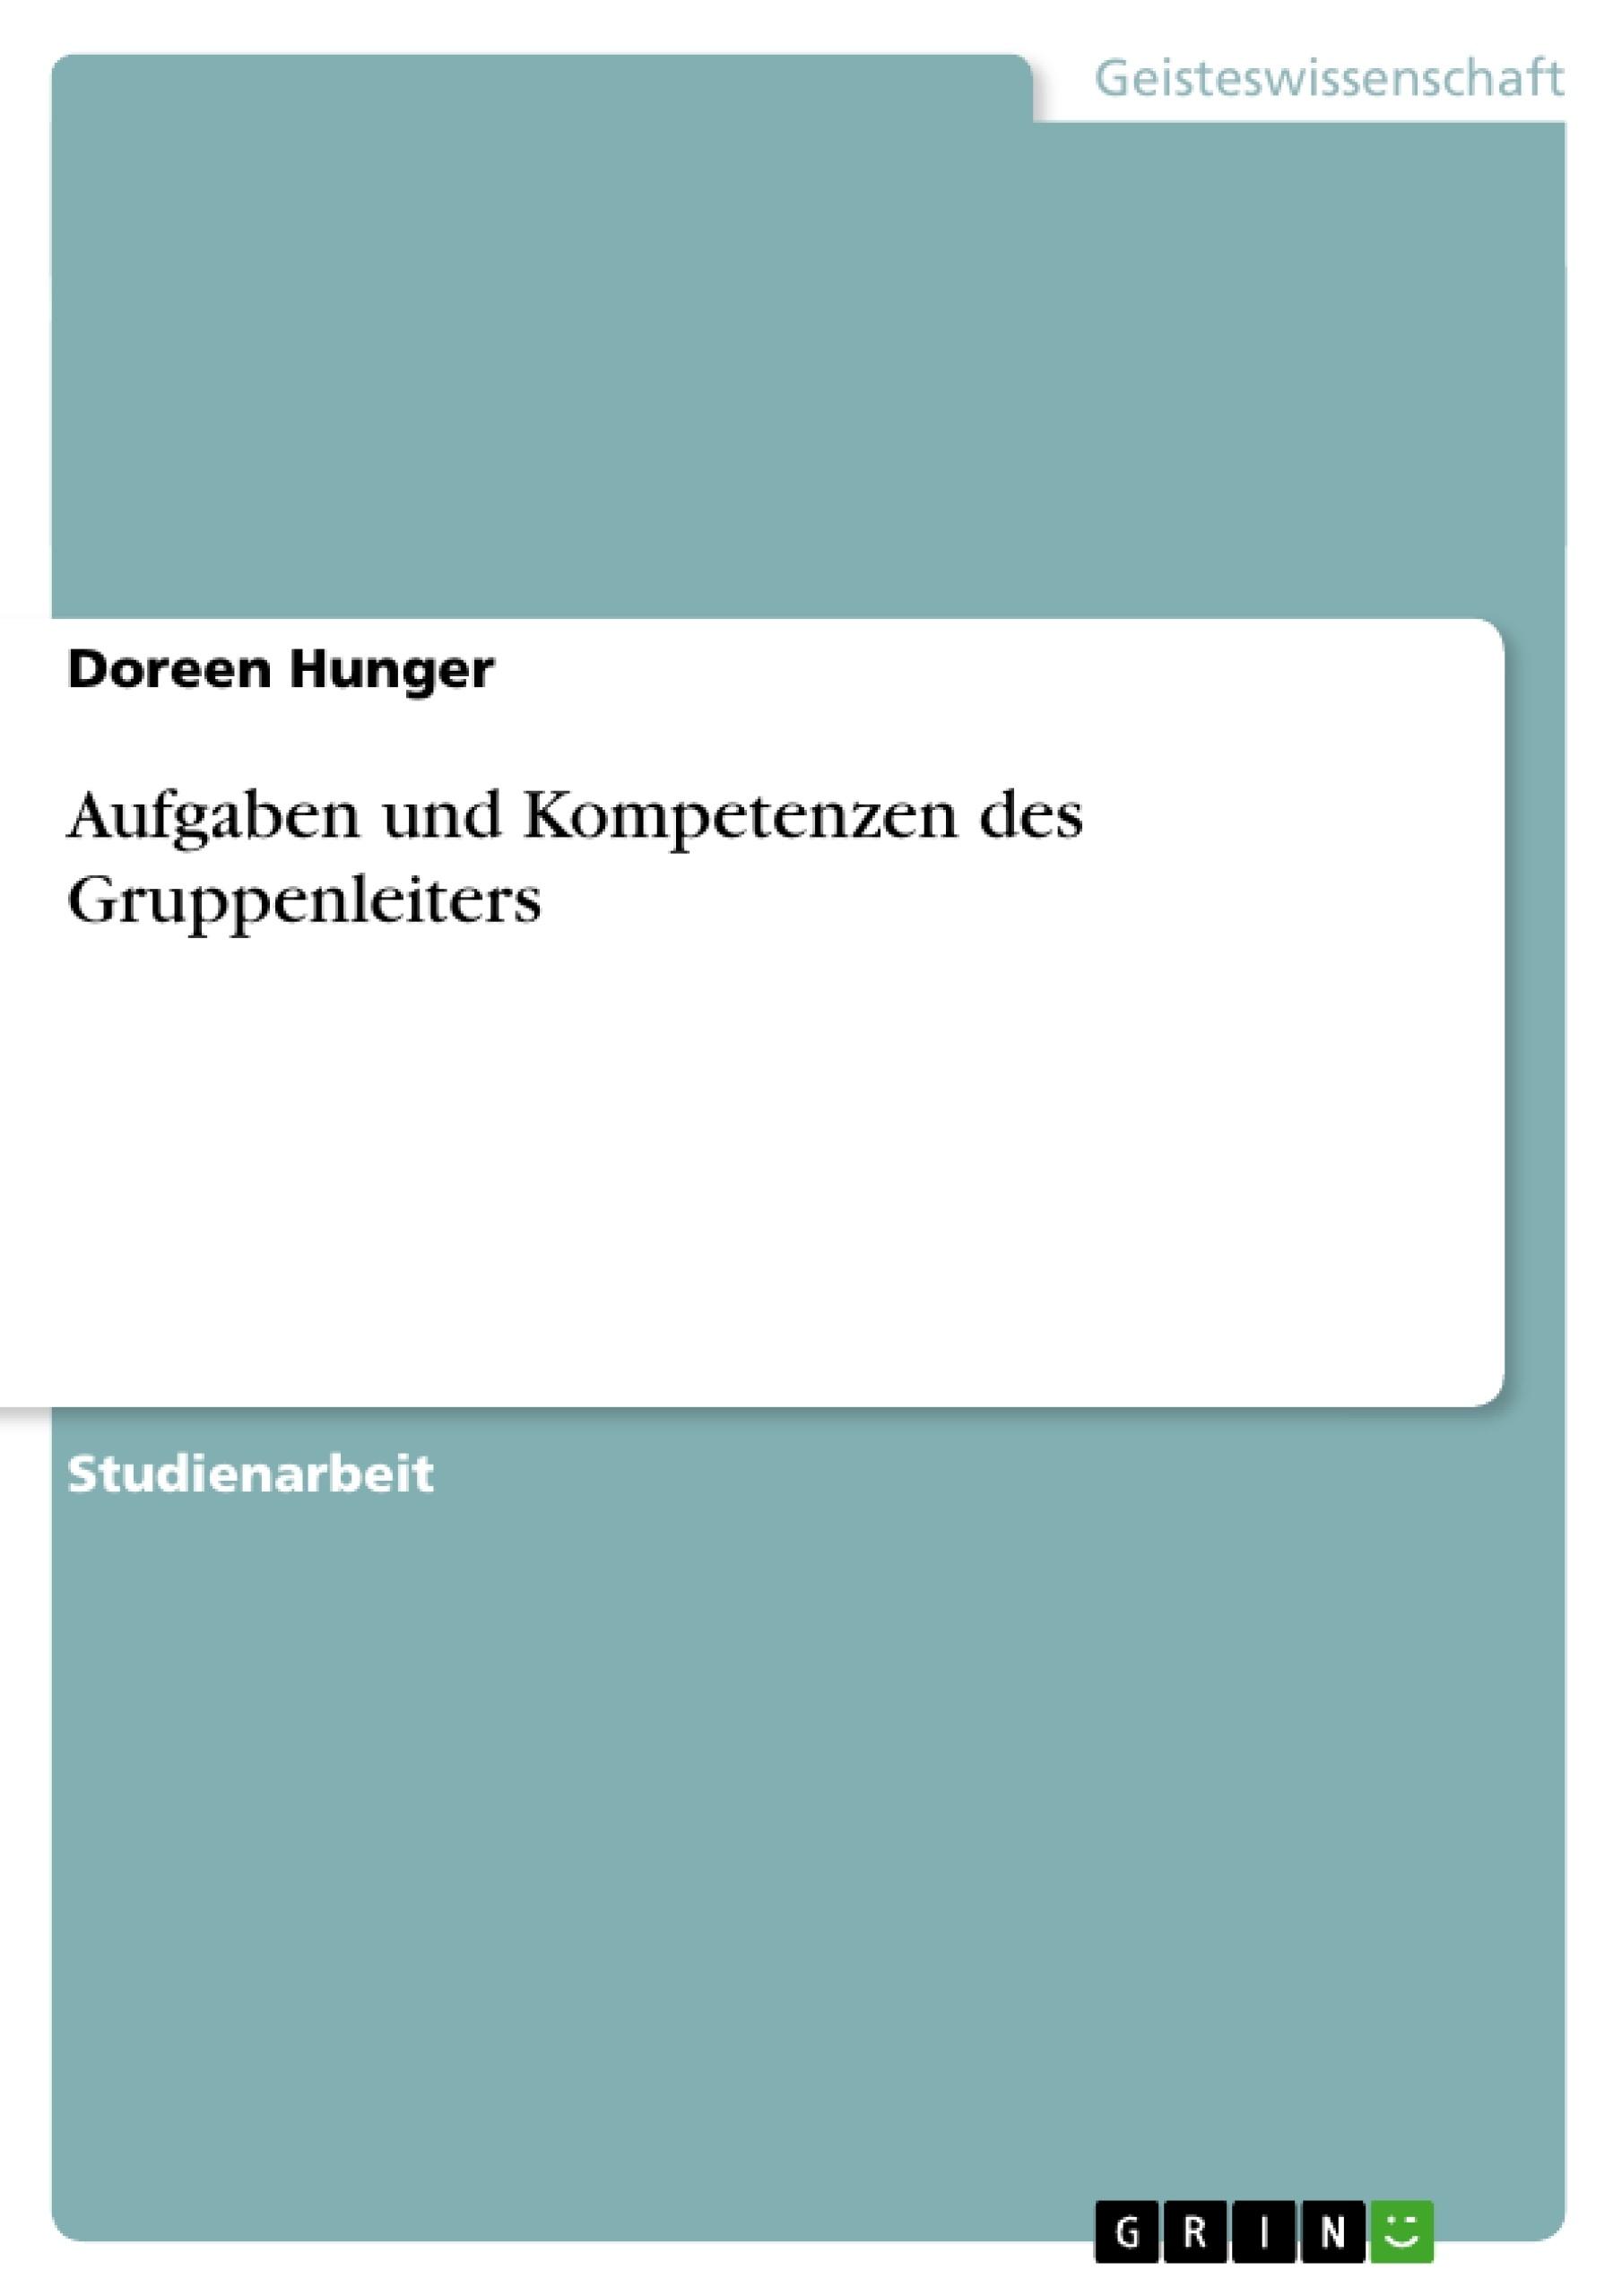 Titel: Aufgaben und Kompetenzen des Gruppenleiters